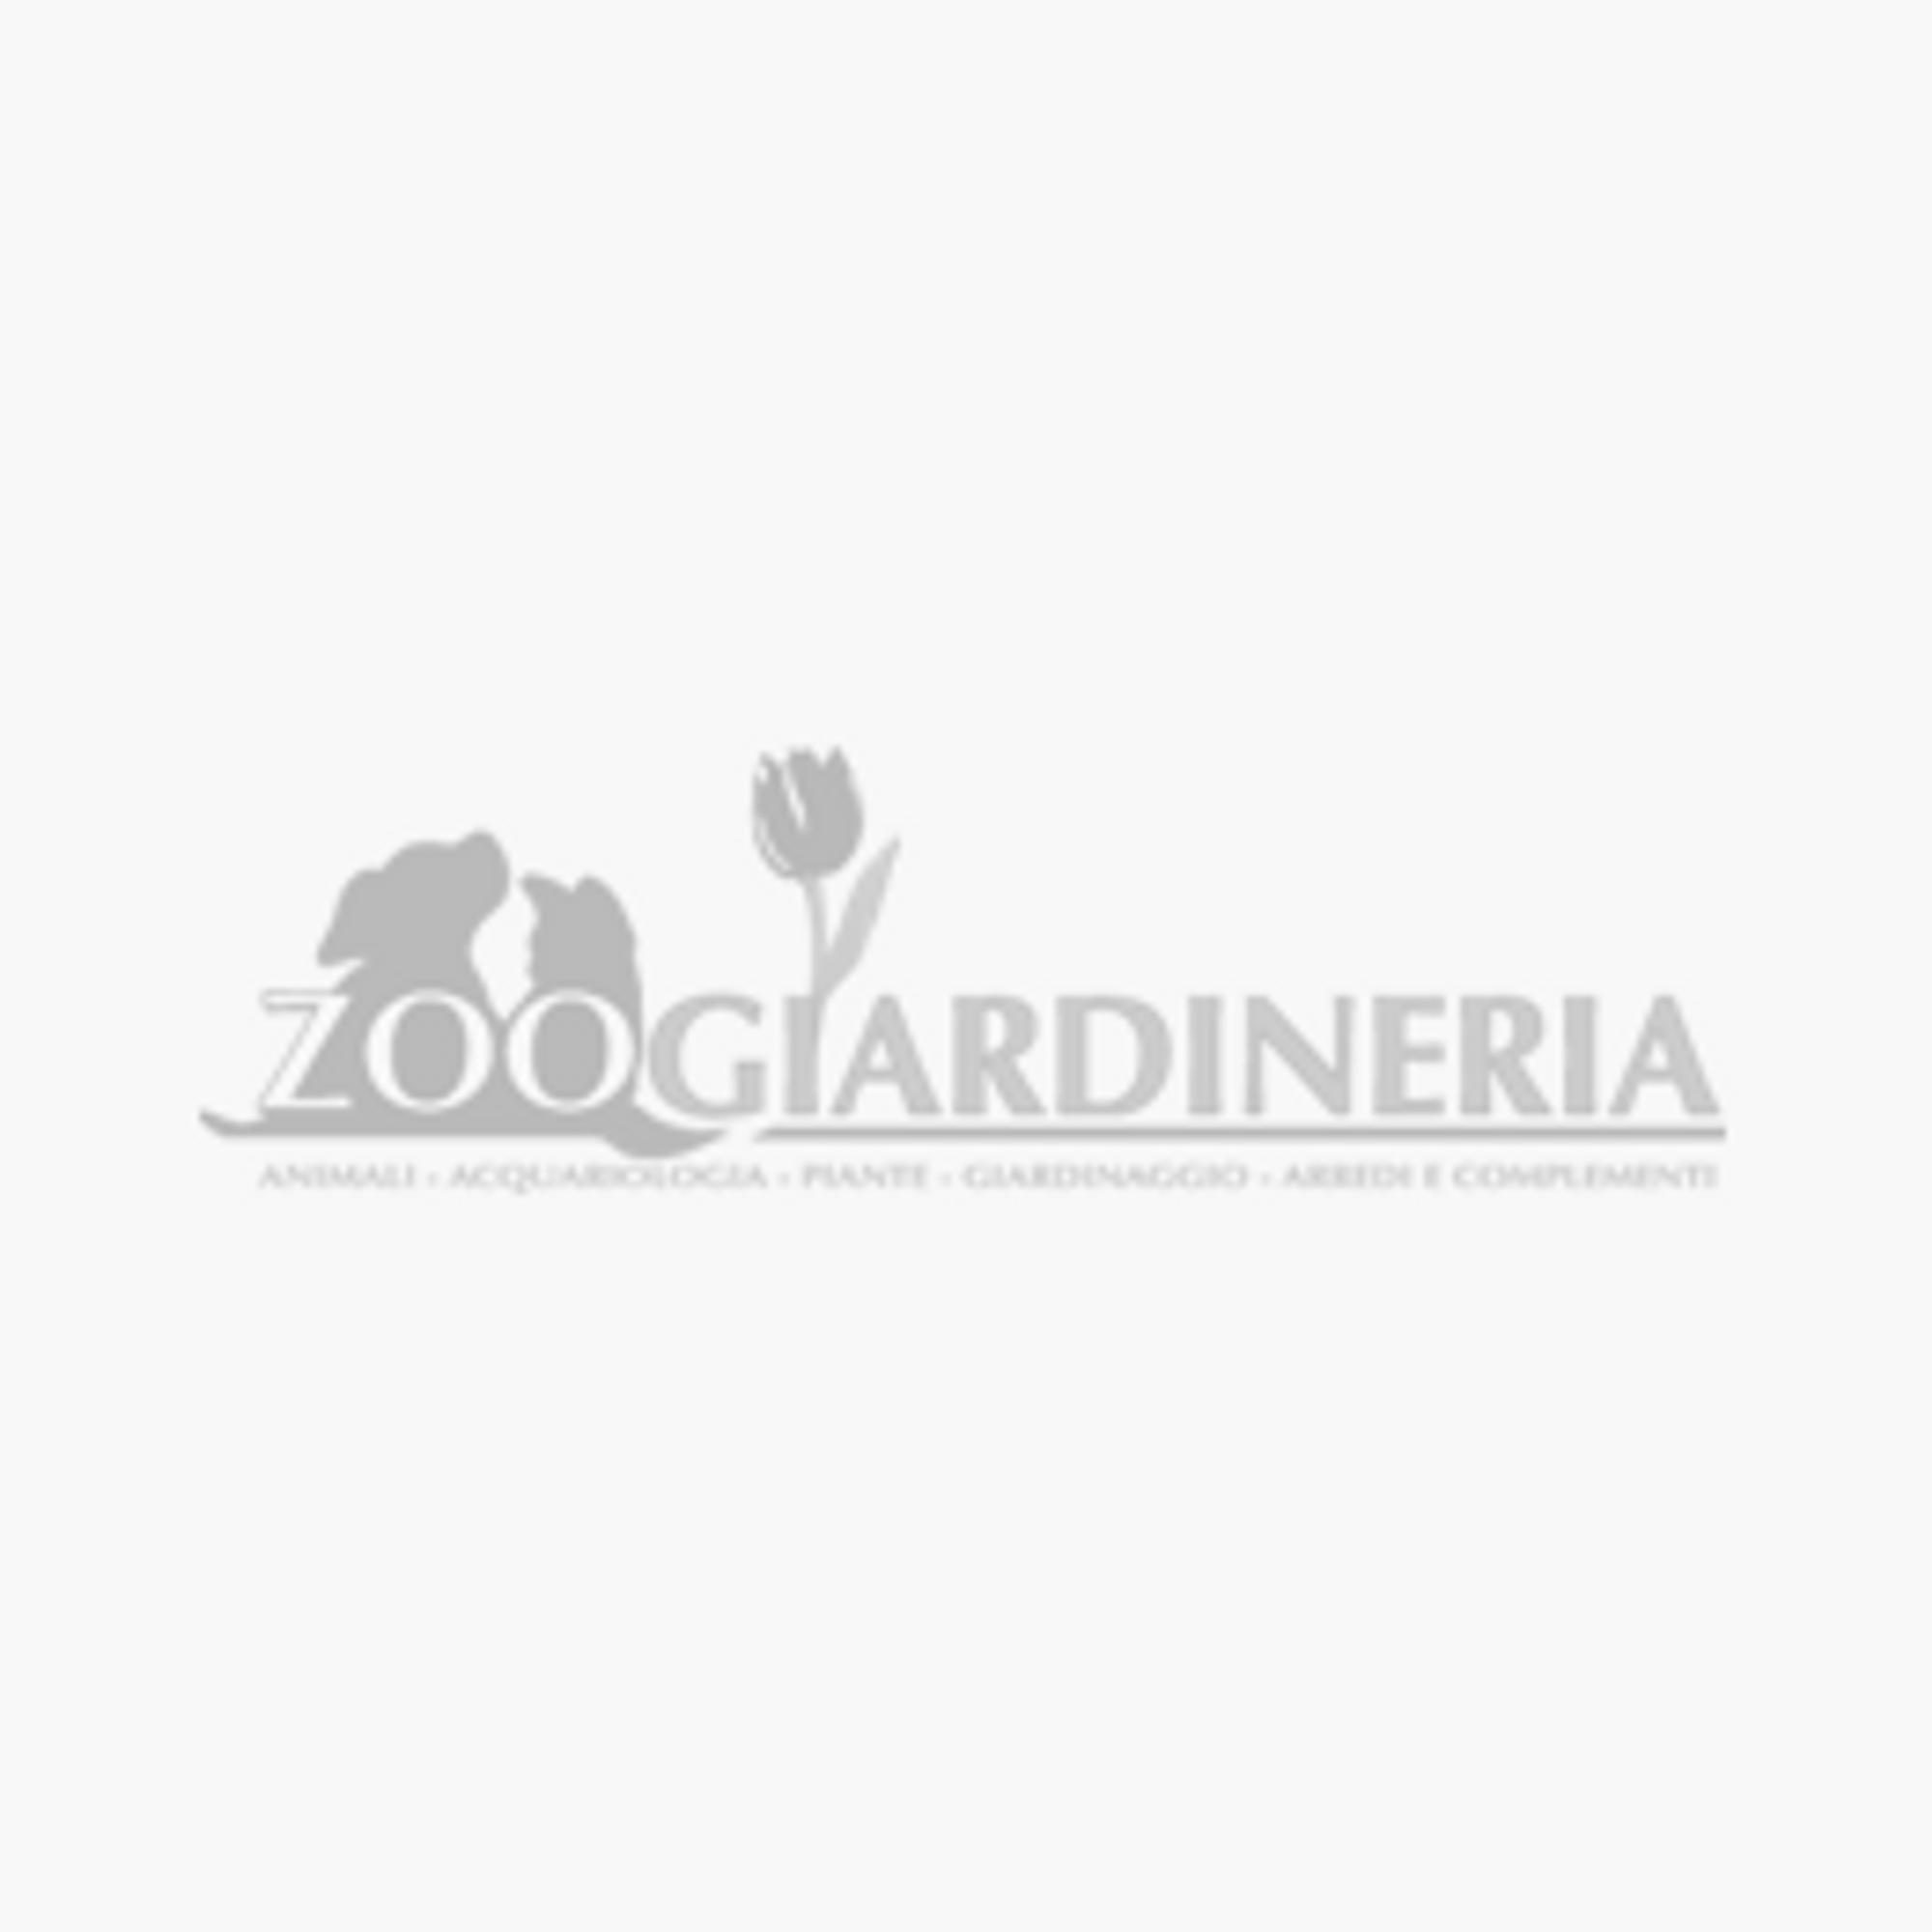 Camon Sacchetti Igienici Colorati per Cani